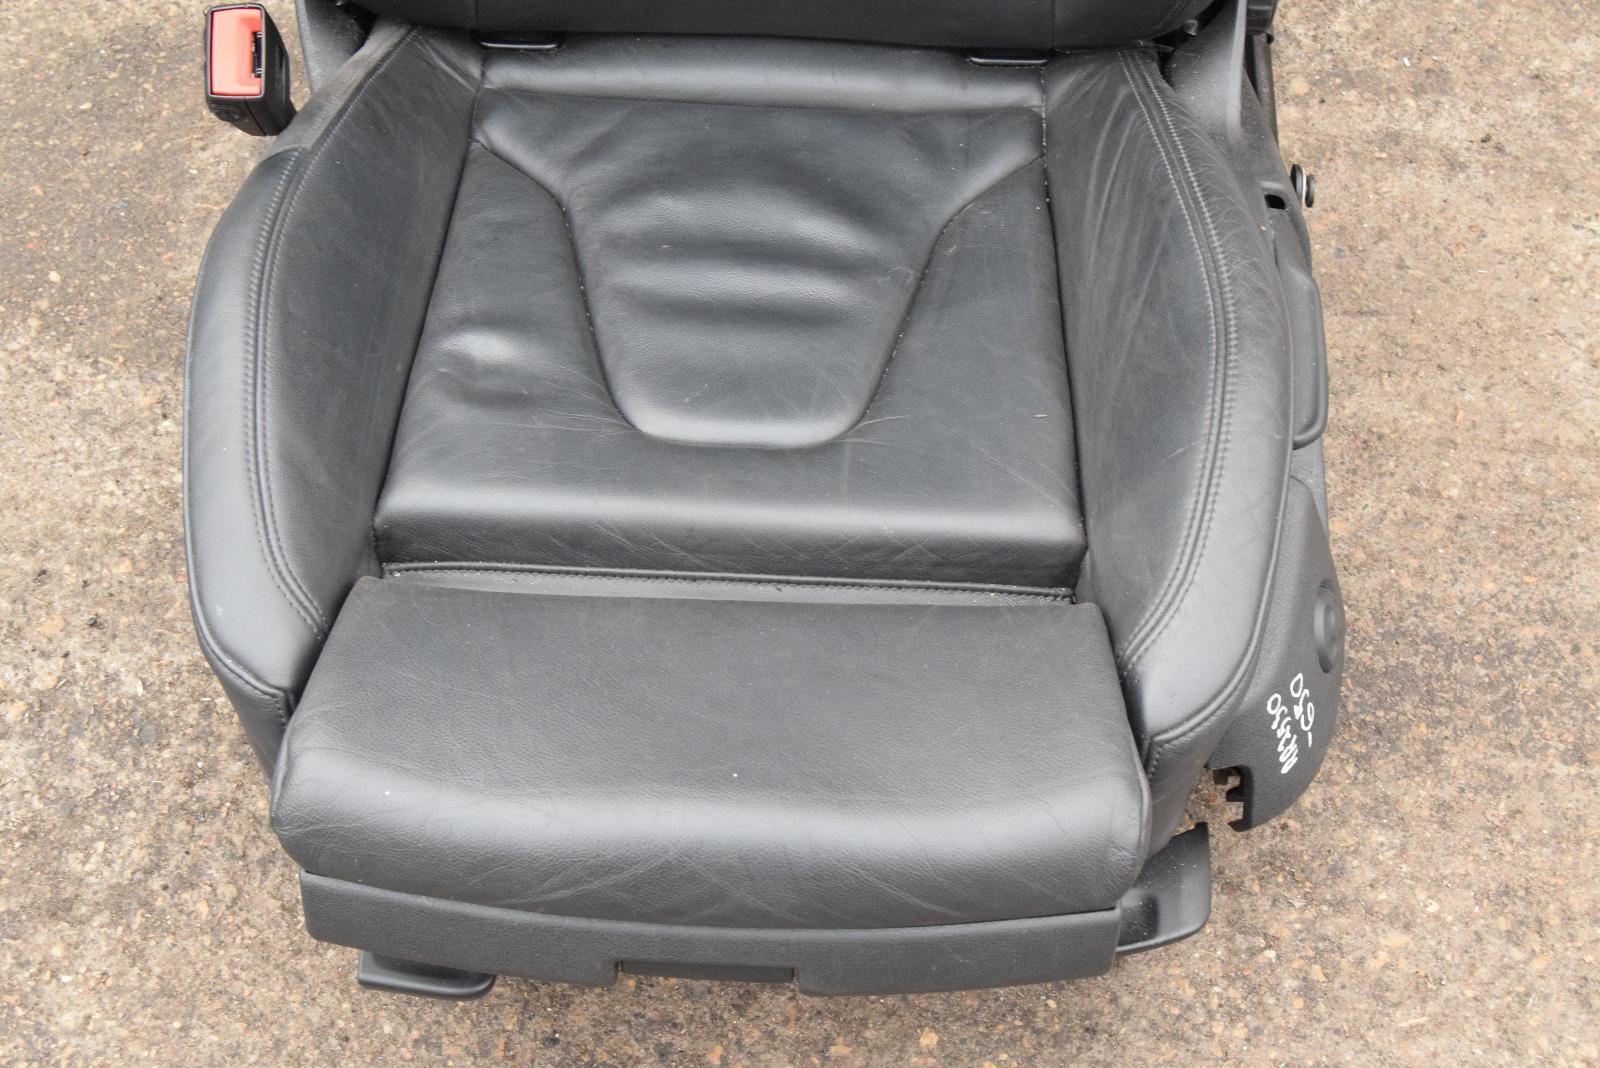 Audi A4 B8 8k S Line Black Leather Complete Interior Set Door Cards Seats Back Ebay